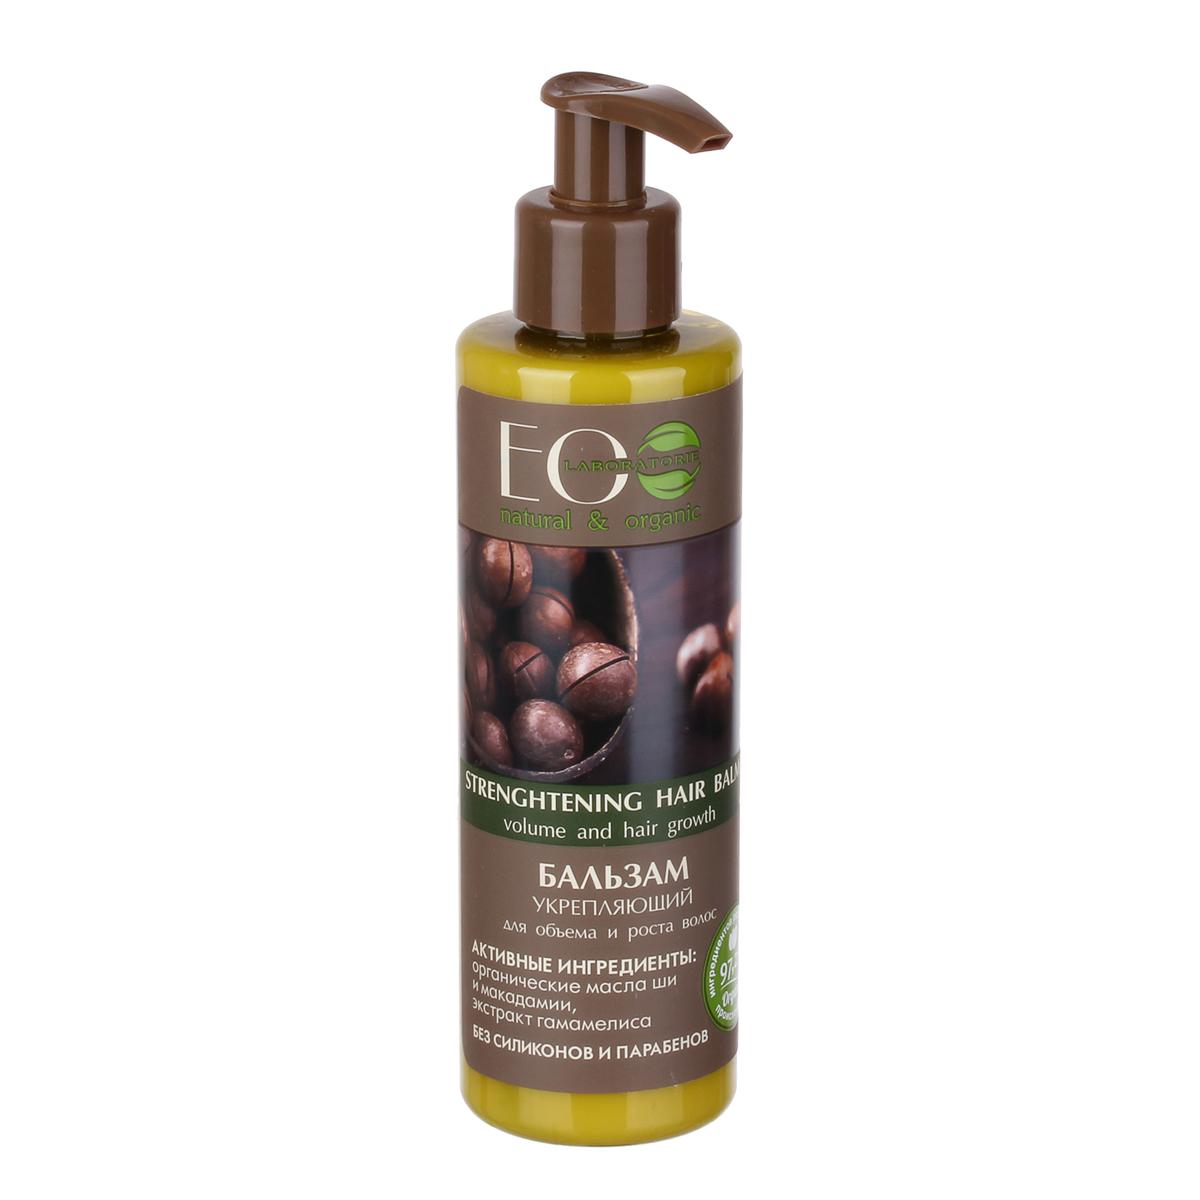 EcoLab ЭкоЛаб Бальзам Укрепляющий 200 мл3078Интенсивно ухаживает за волосами, разглаживает их по всей длине, возвращает природную красоту и здоровый блеск. Активизирует обменные процессы в клетках кожи головы, укрепляет от корней до кончиков, способствует росту новых волос. Активные ингредиенты: органическое масло макадамии, органический экстракт гамамелиса, органическое масло ши.